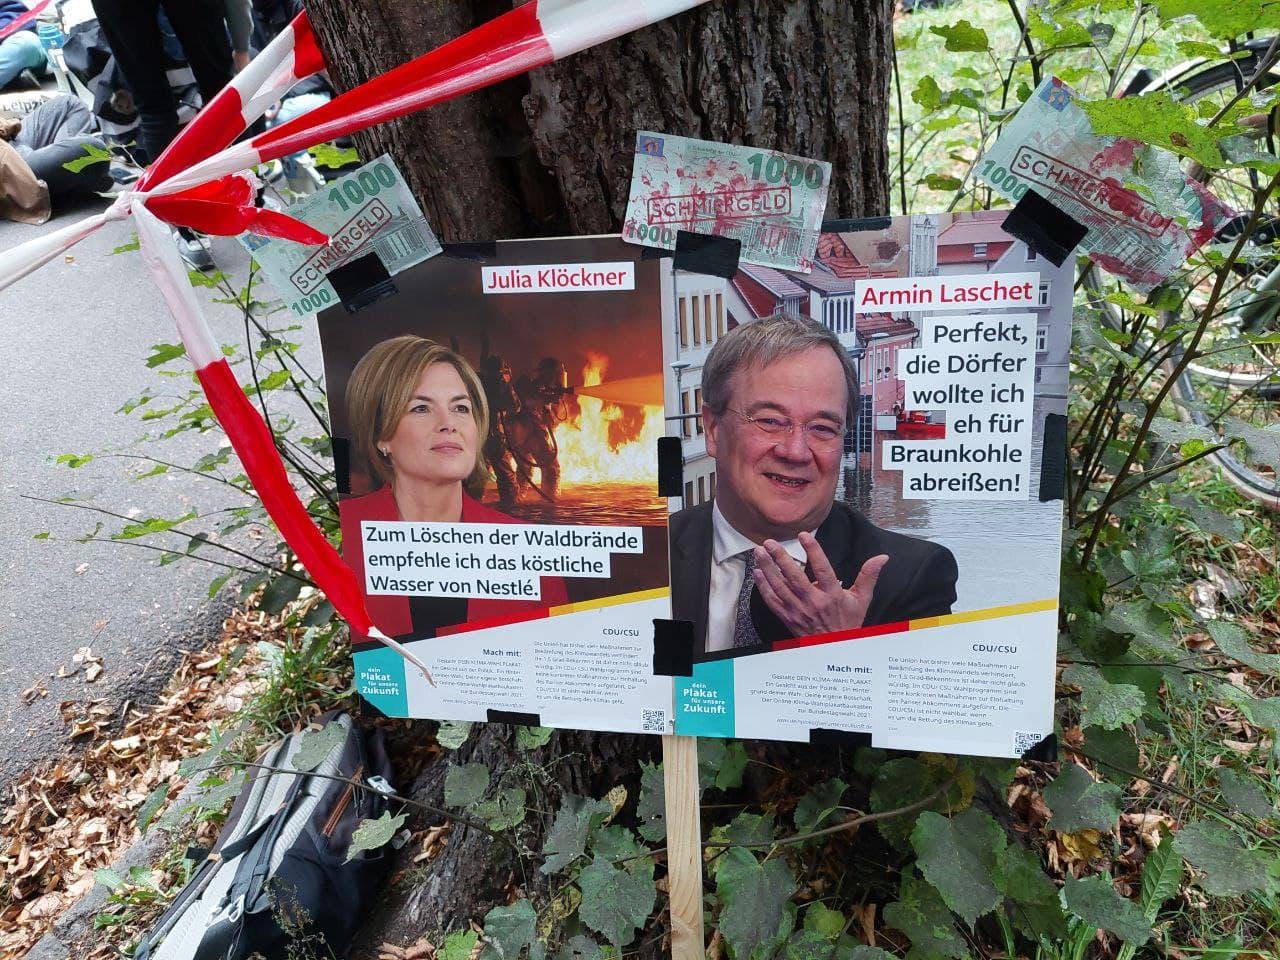 Der Klimastreik am 24.09.2021 in Leipzig: 16 verpasste Jahre in Sachen Klimaschutz hatten einen Adressaten. Foto: LZ